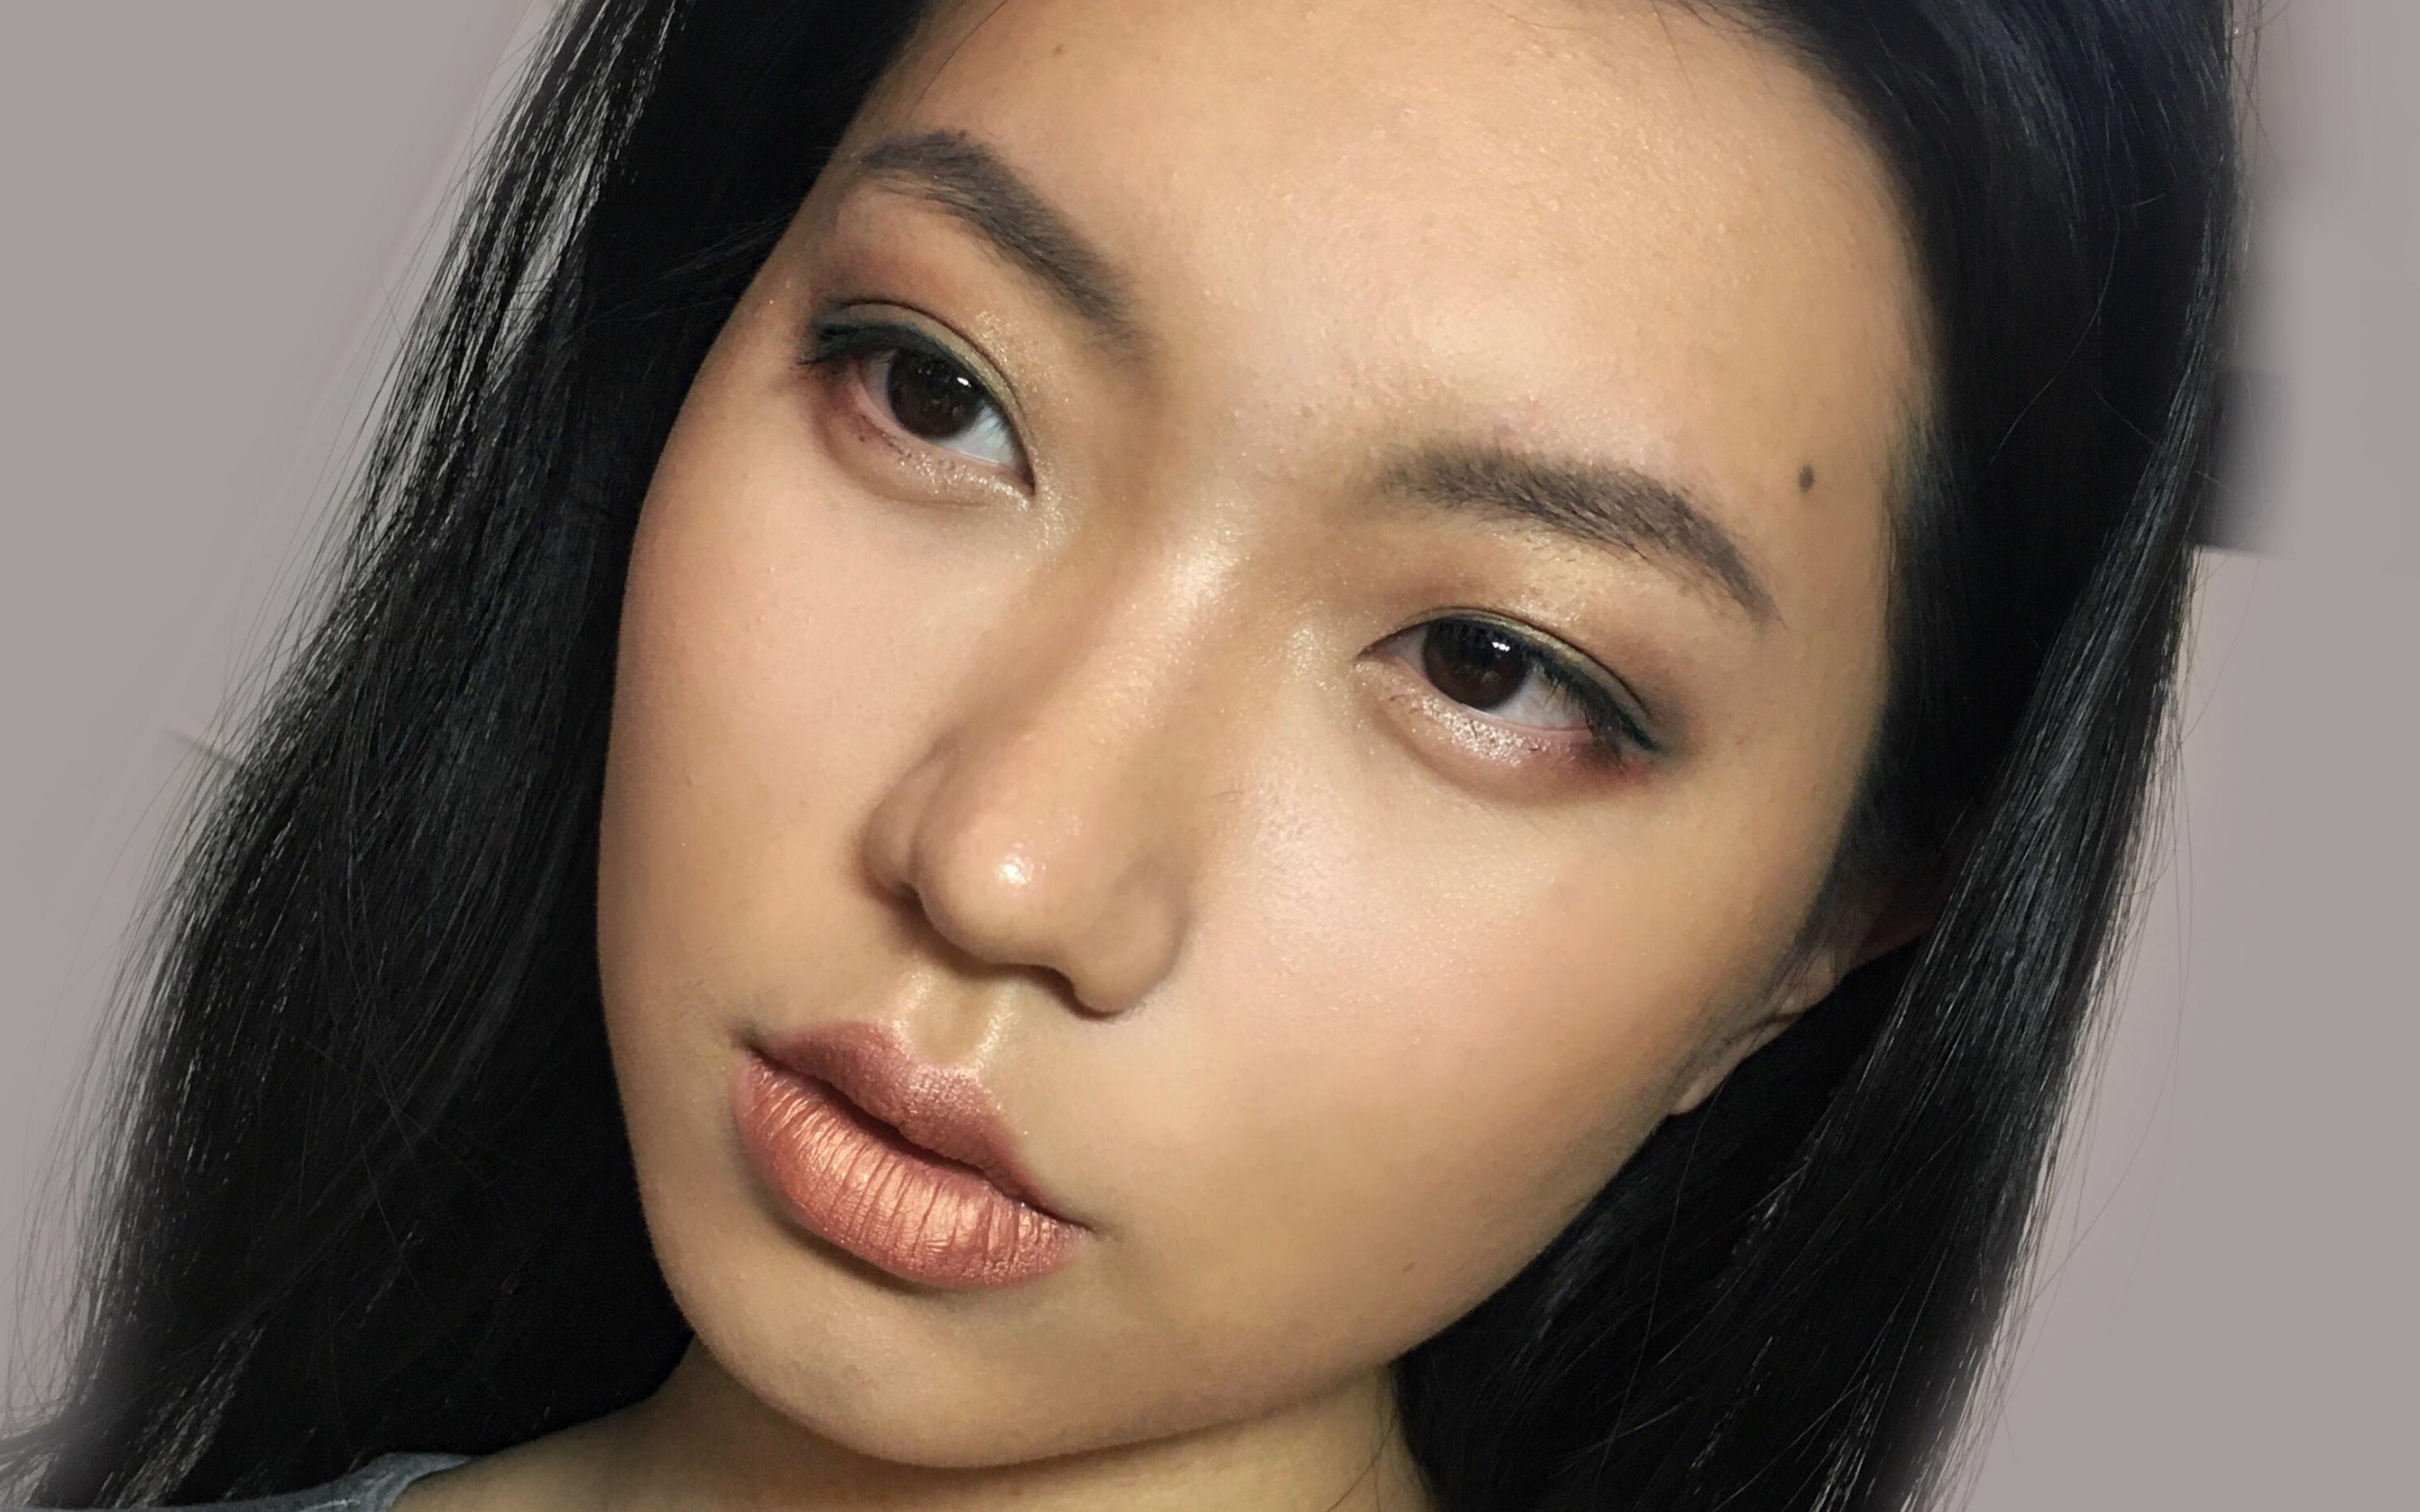 欧美妆容图片大全-美瞳美女图片